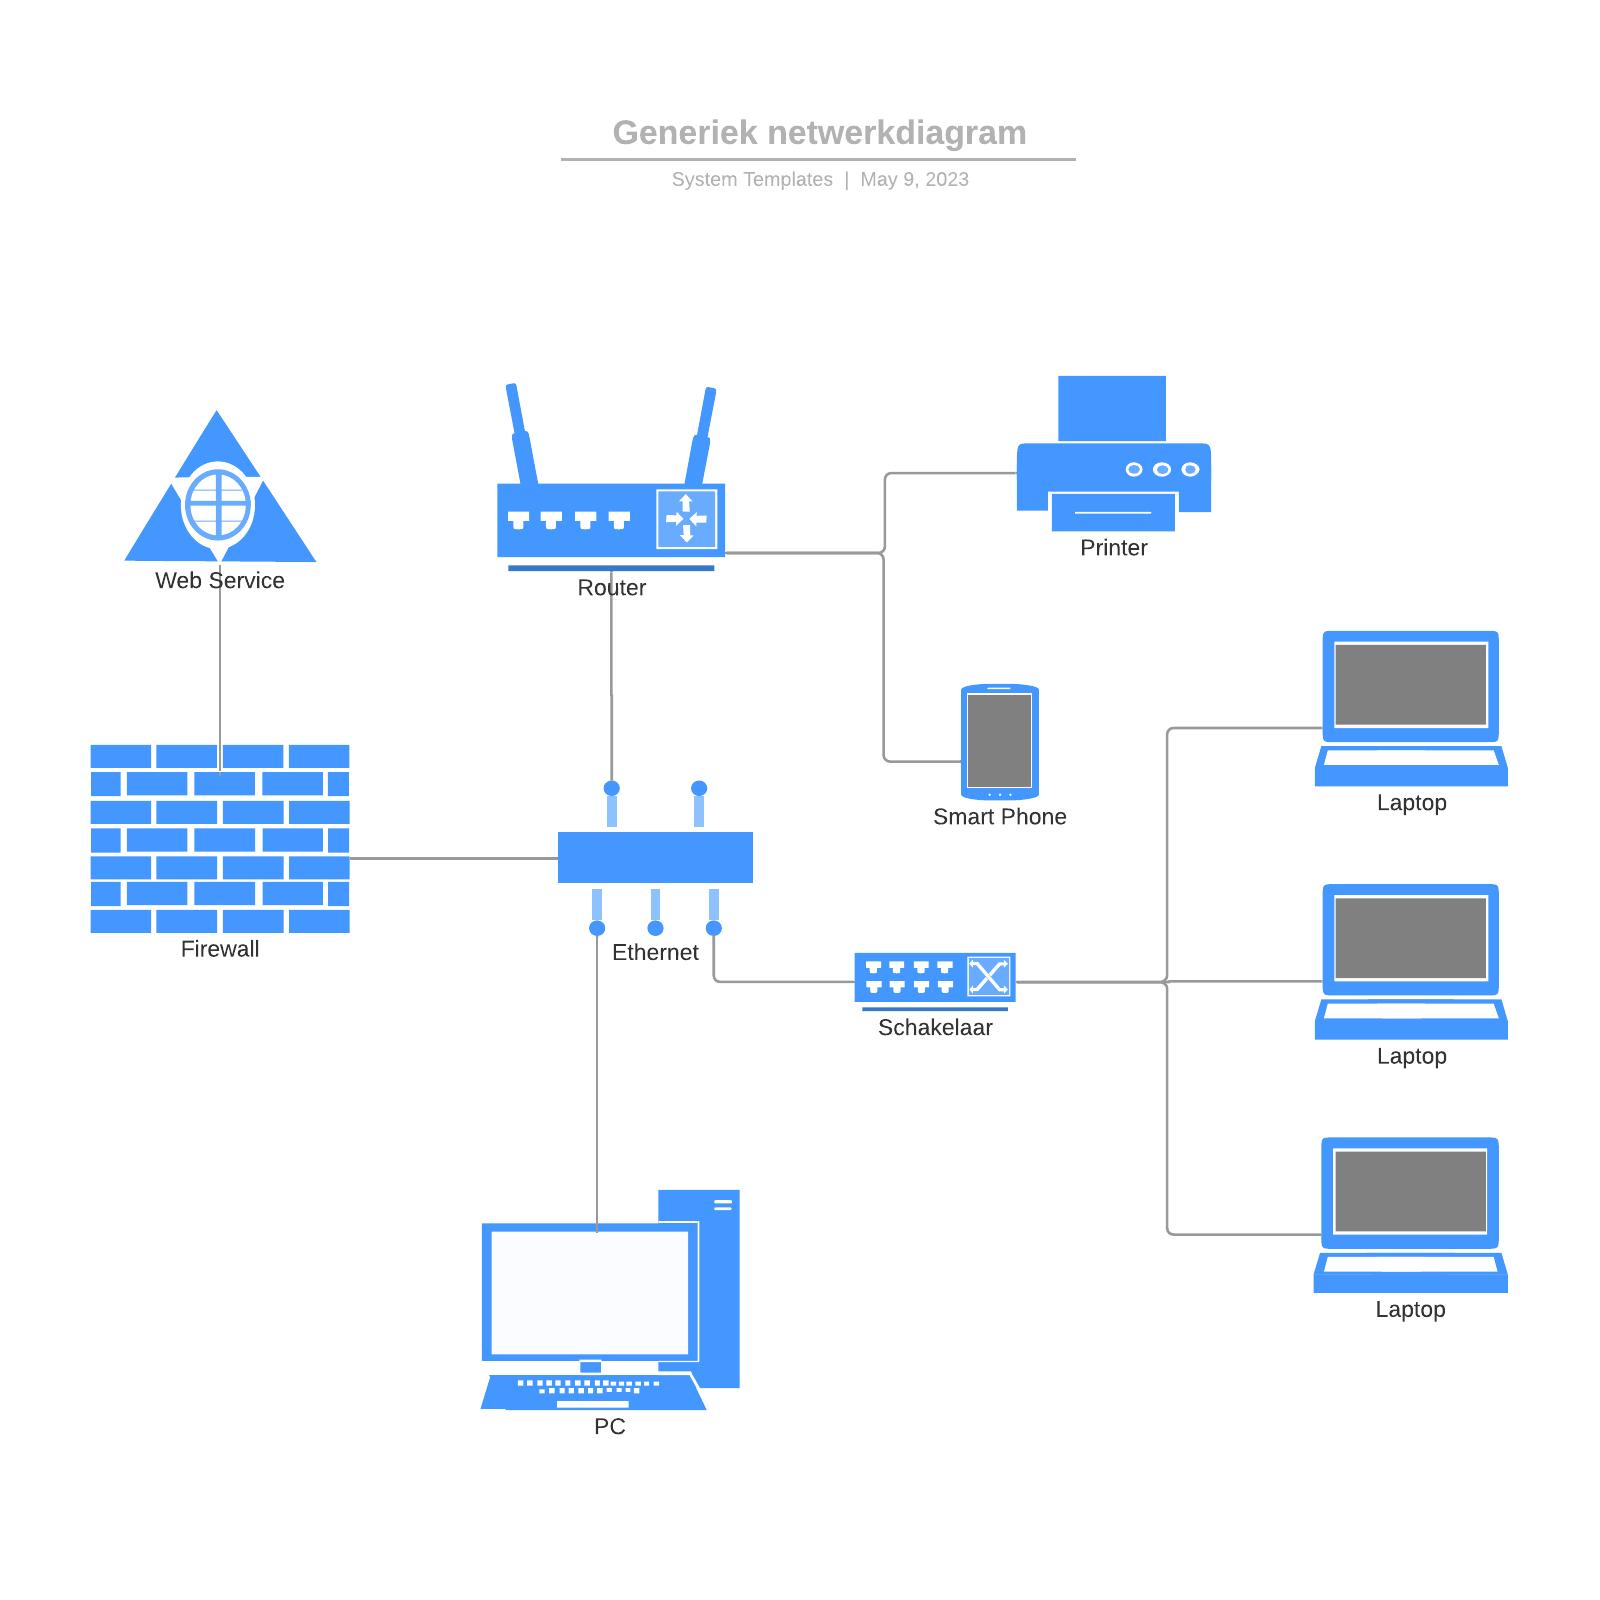 Generiek netwerkdiagram